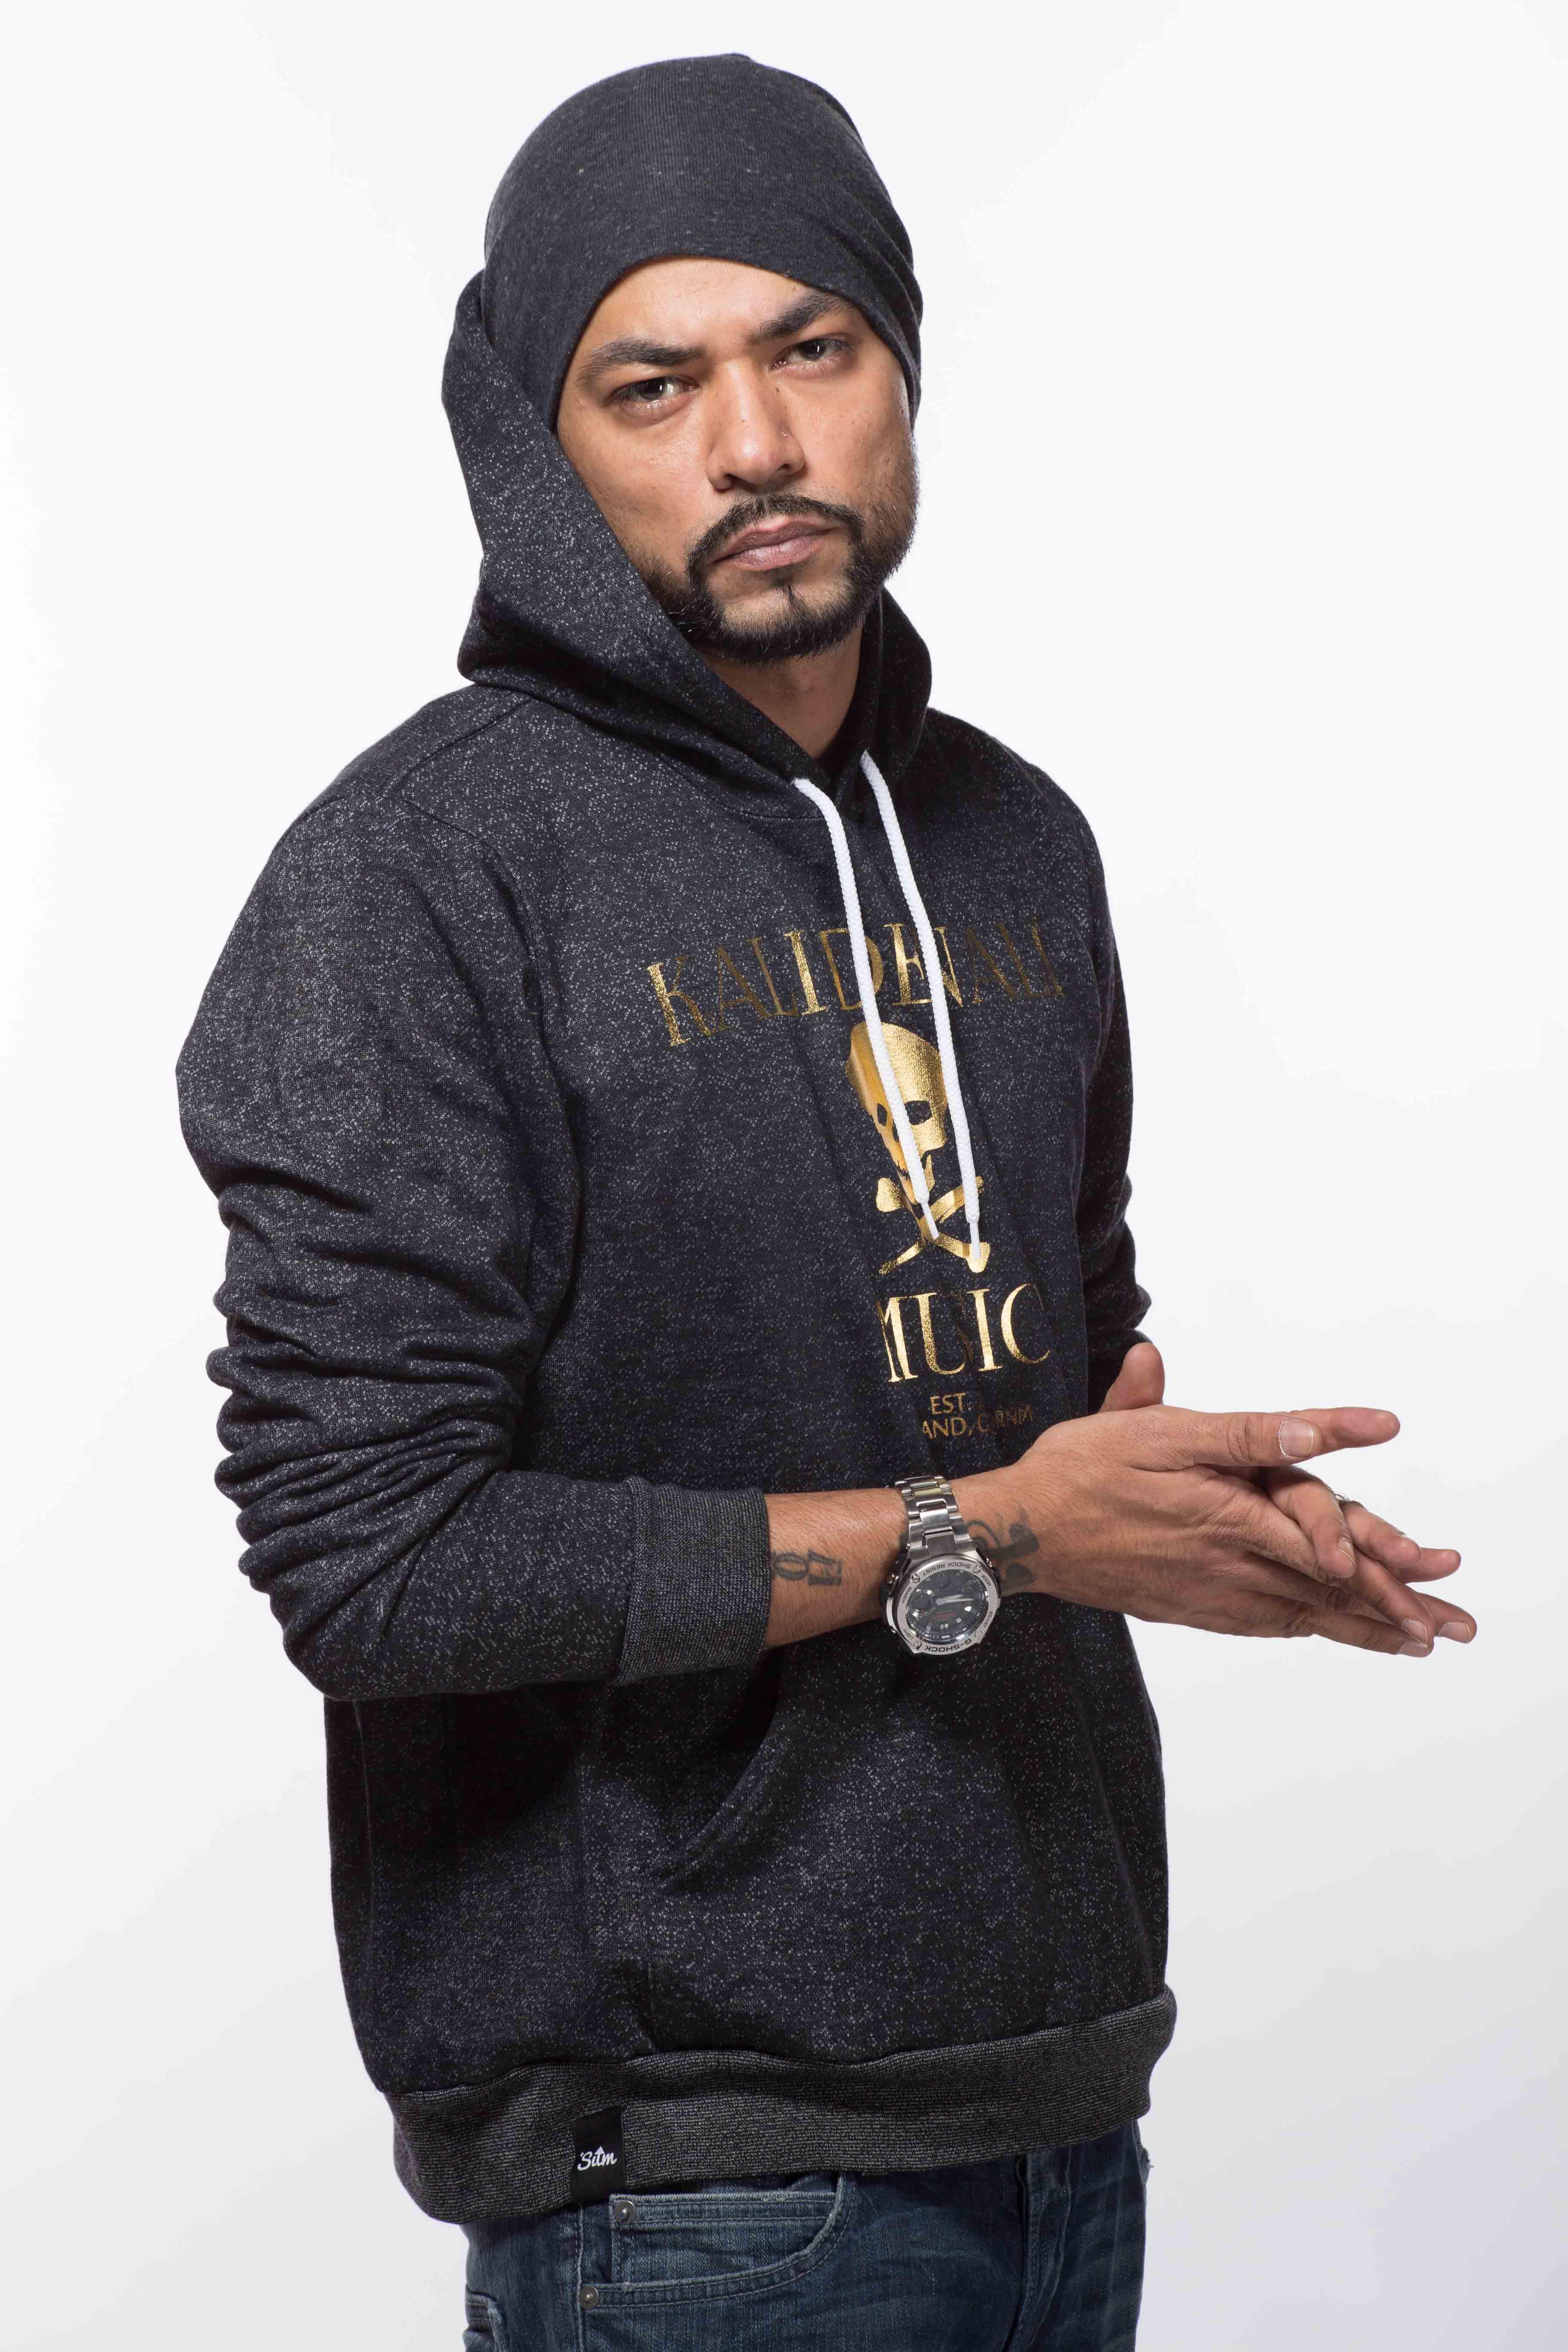 Watch - Punjabi the bohemia rapper video